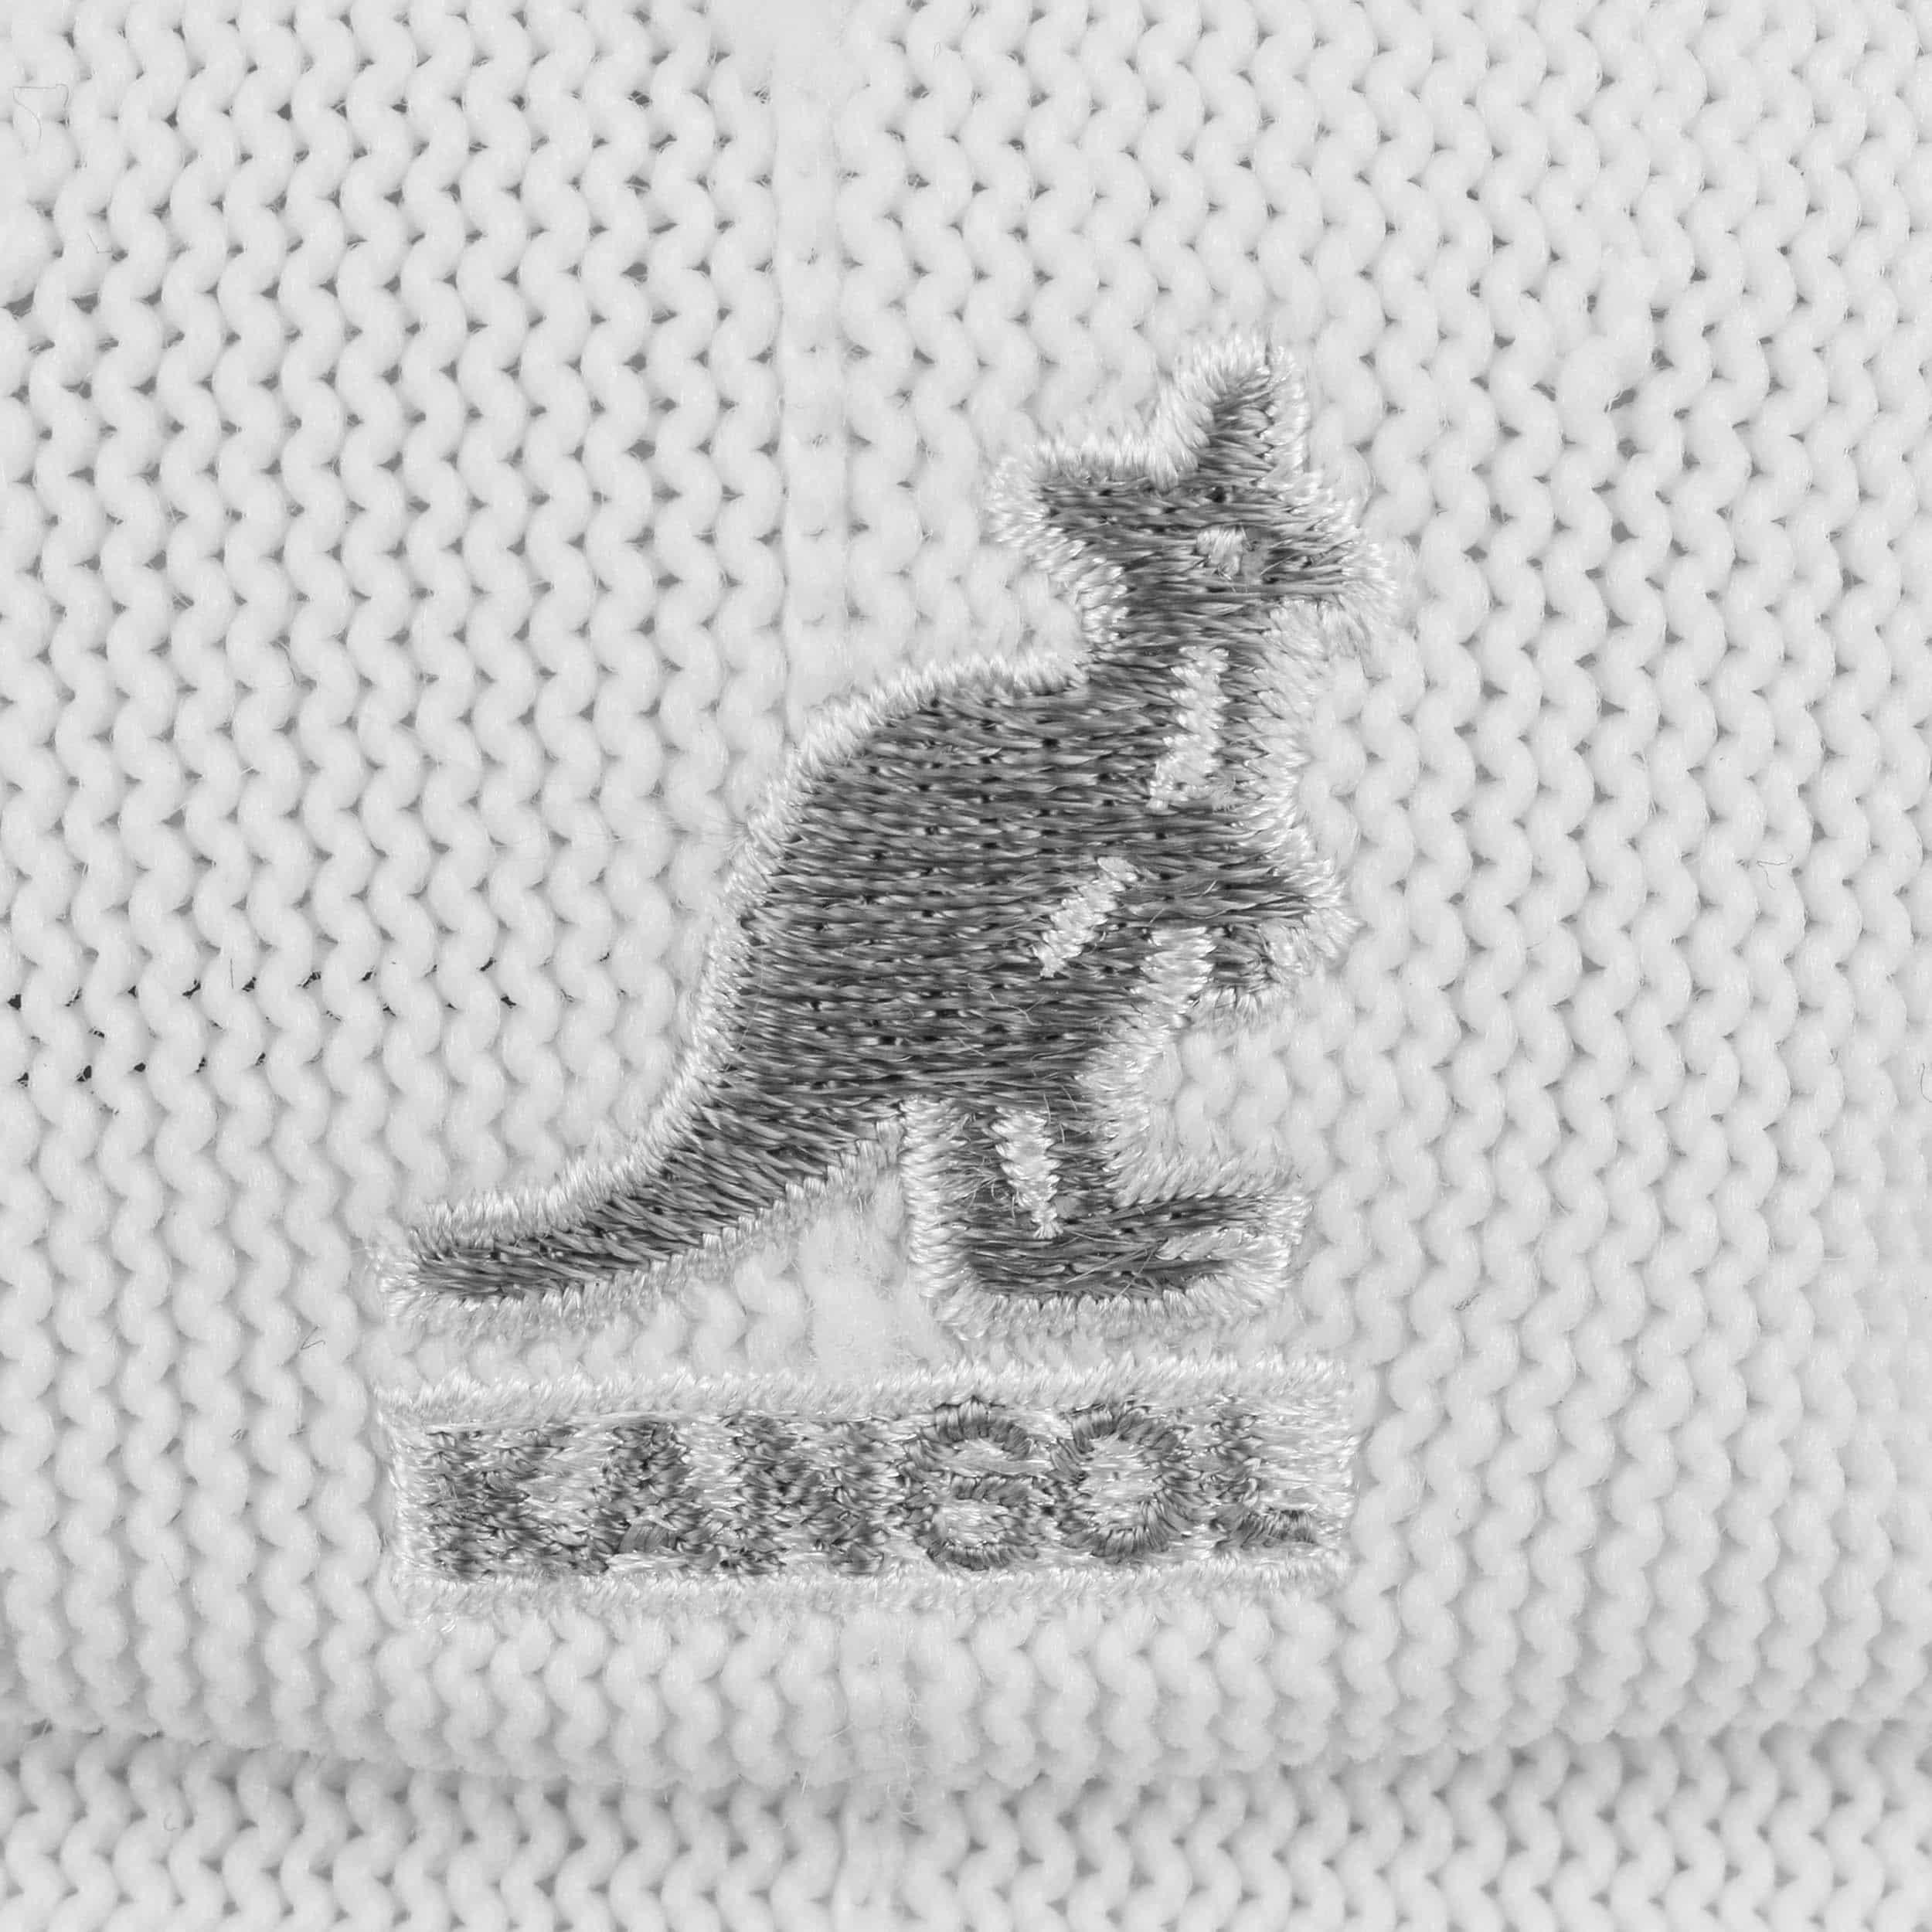 Gorra Newsboy Kangol Tropic Spitfire - Gorras - sombreroshop.es 14d4f2ce372